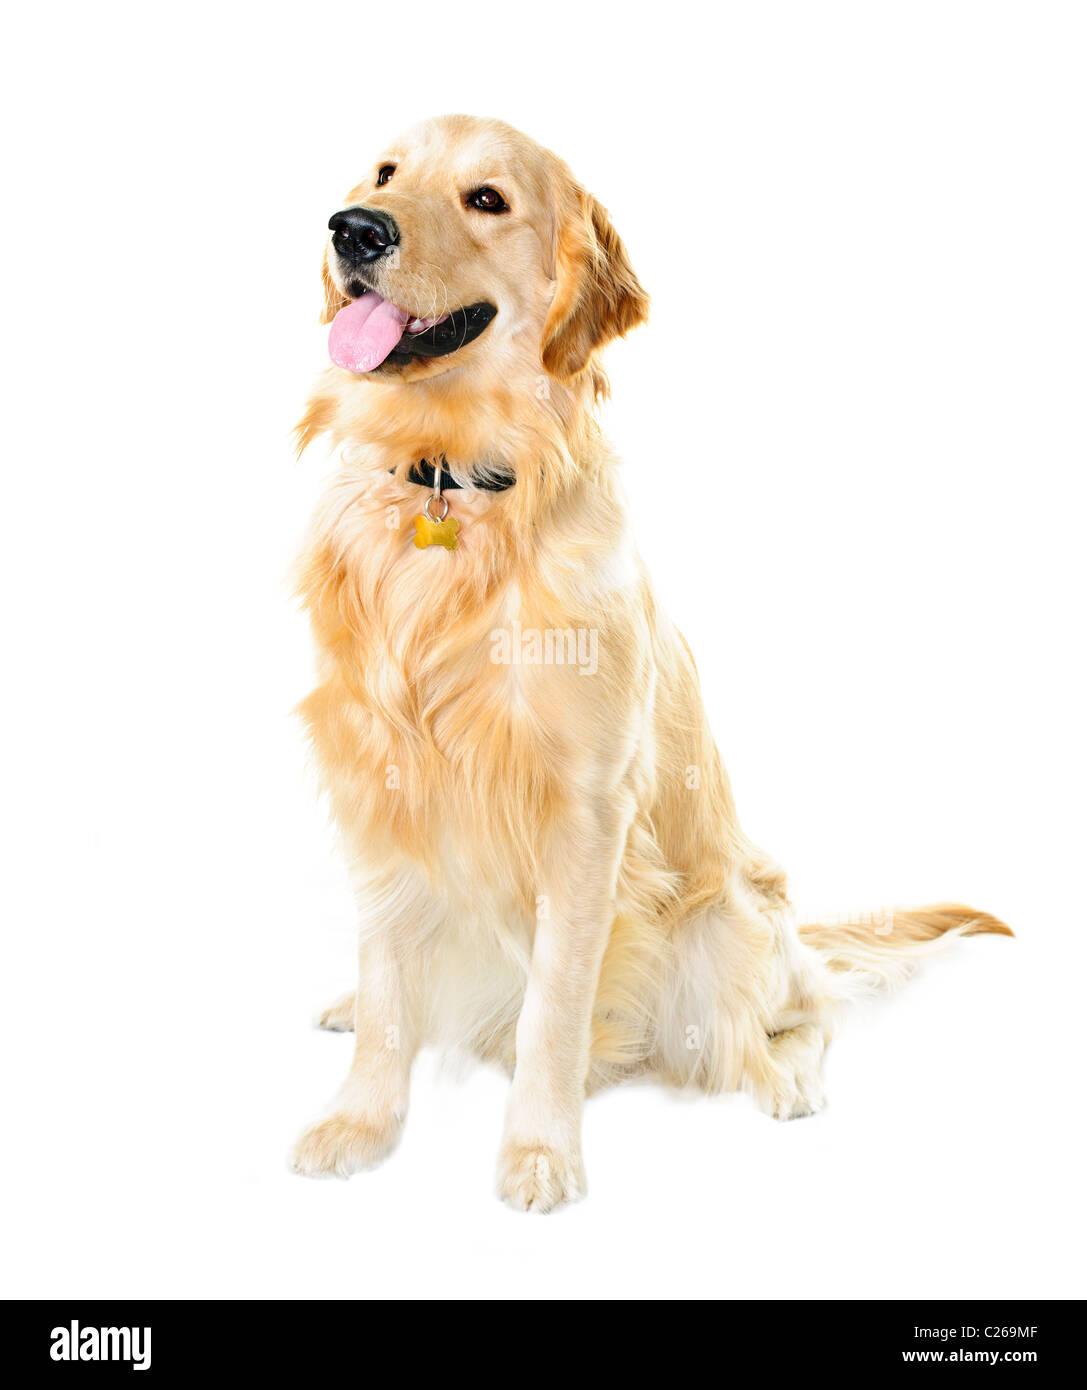 Golden retriever pet dog sitting isolated on white background - Stock Image